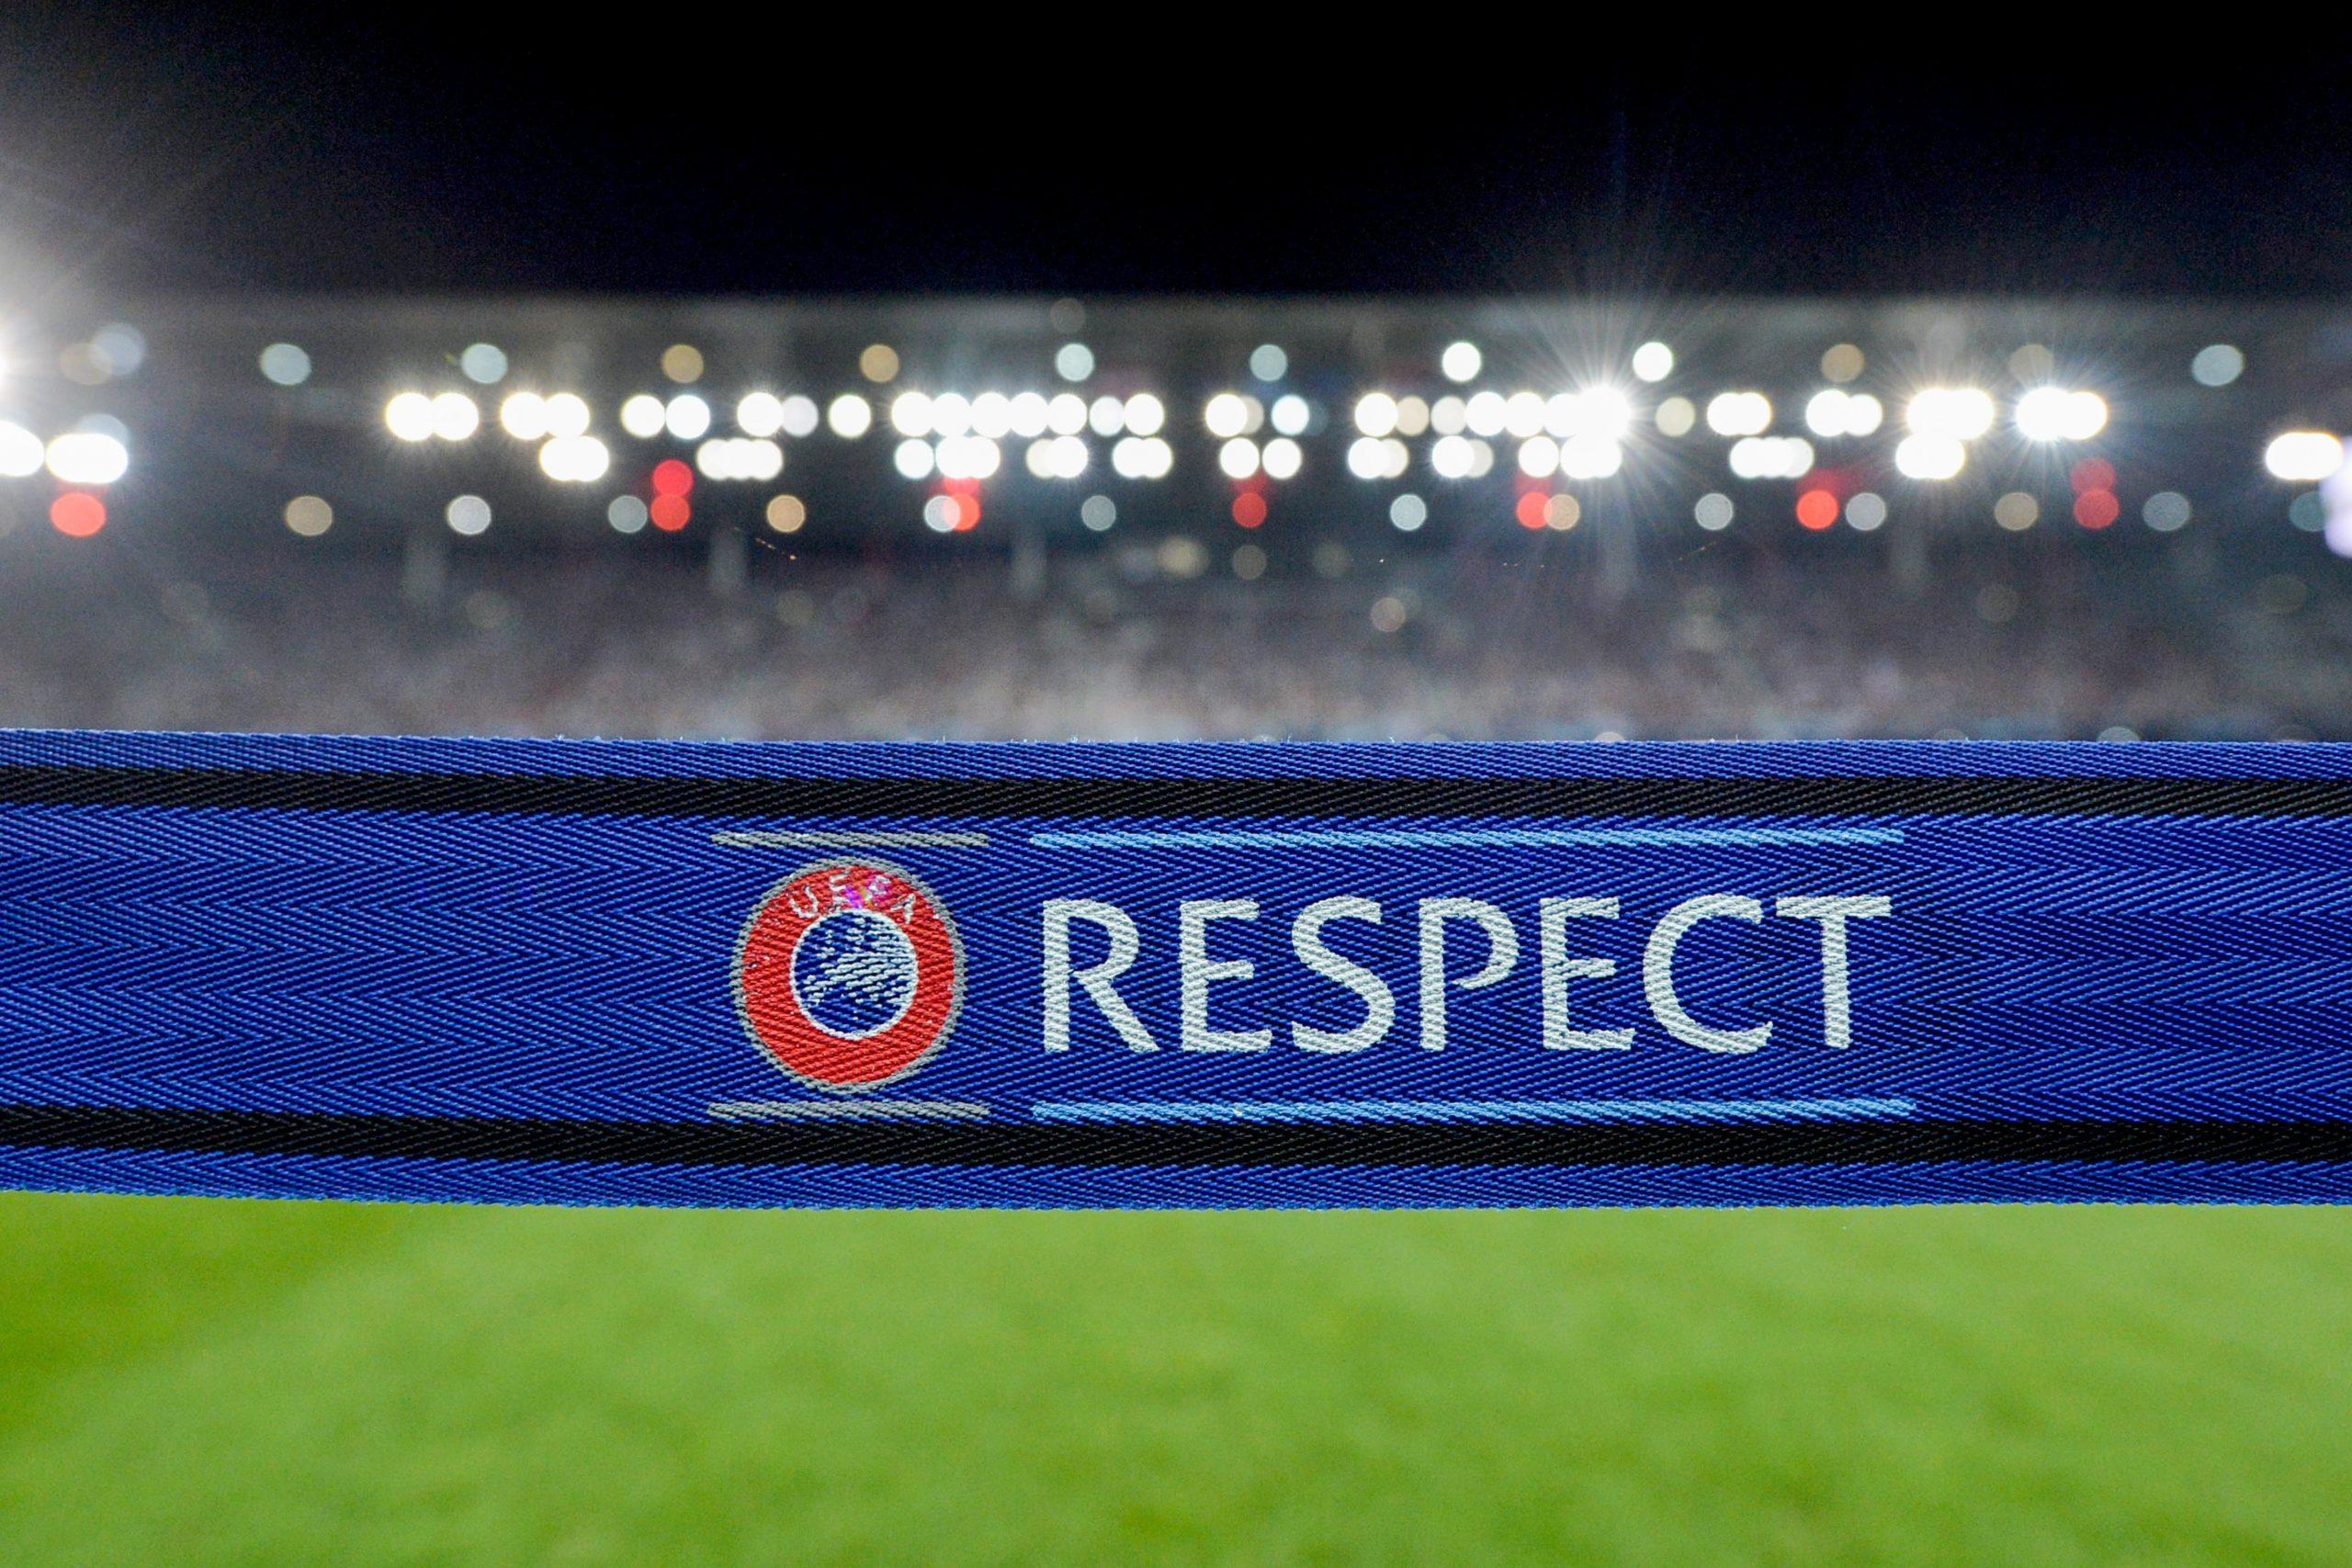 L'UEFA aurait 3 plans pour la saison 2019-2020 à présenter mercredi